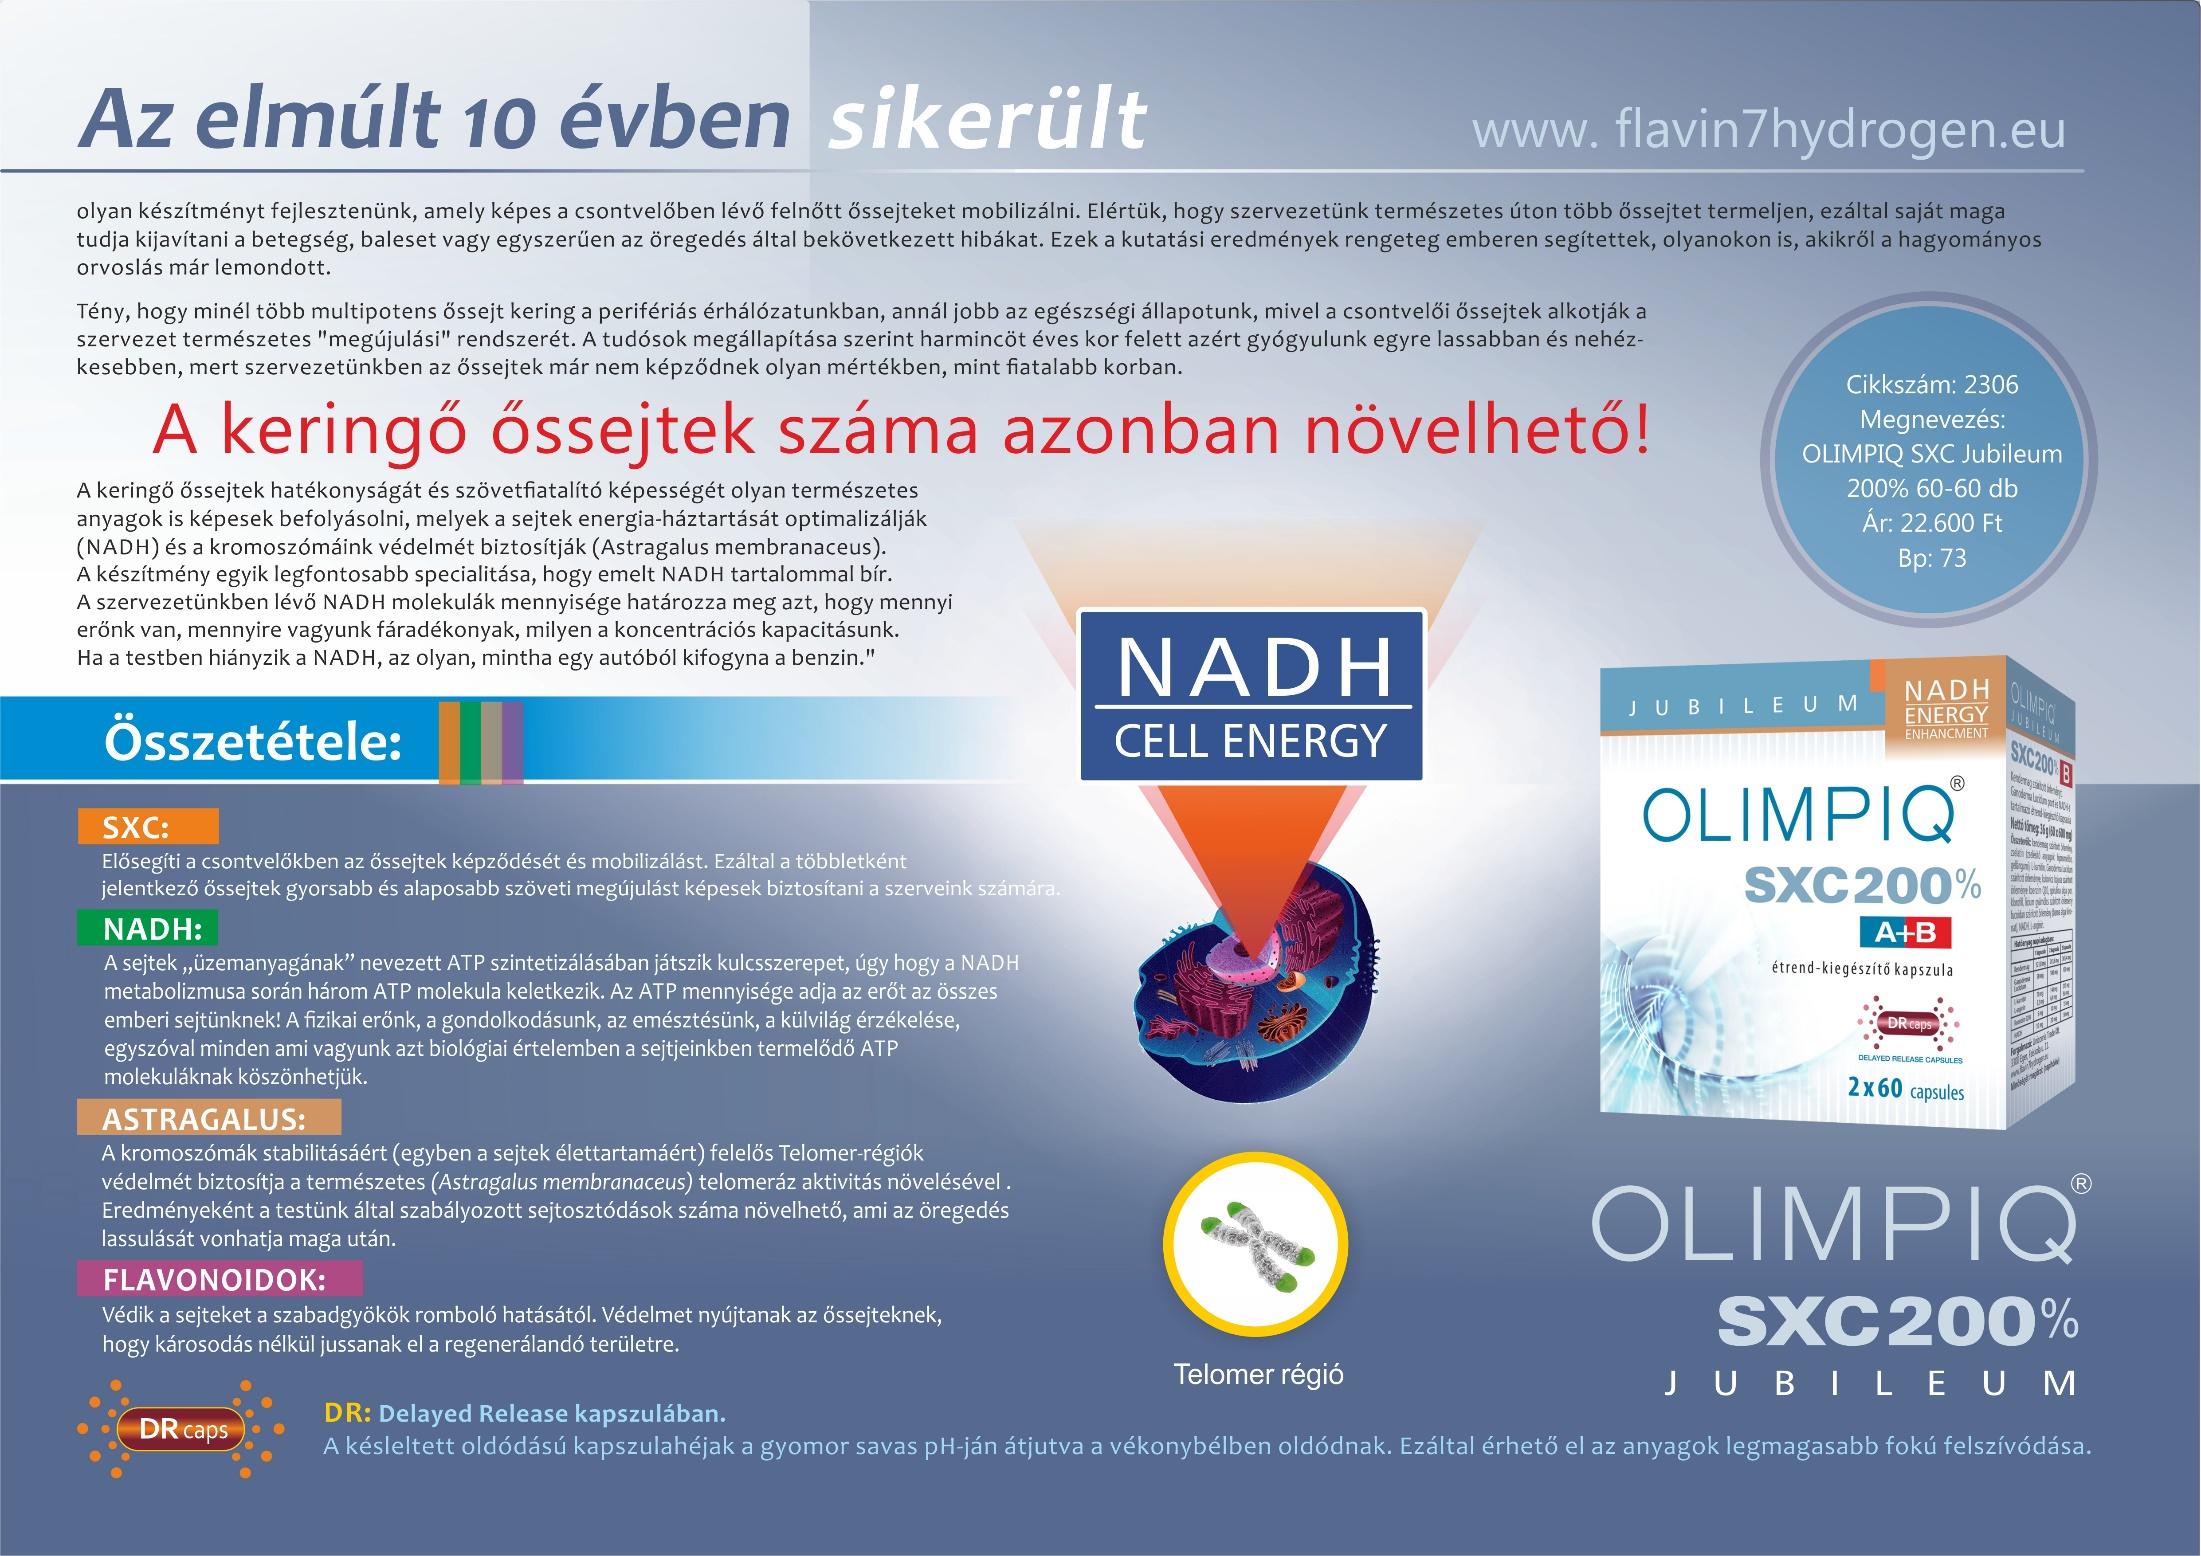 Olimpiq SXC Jubileum 200% webáruház